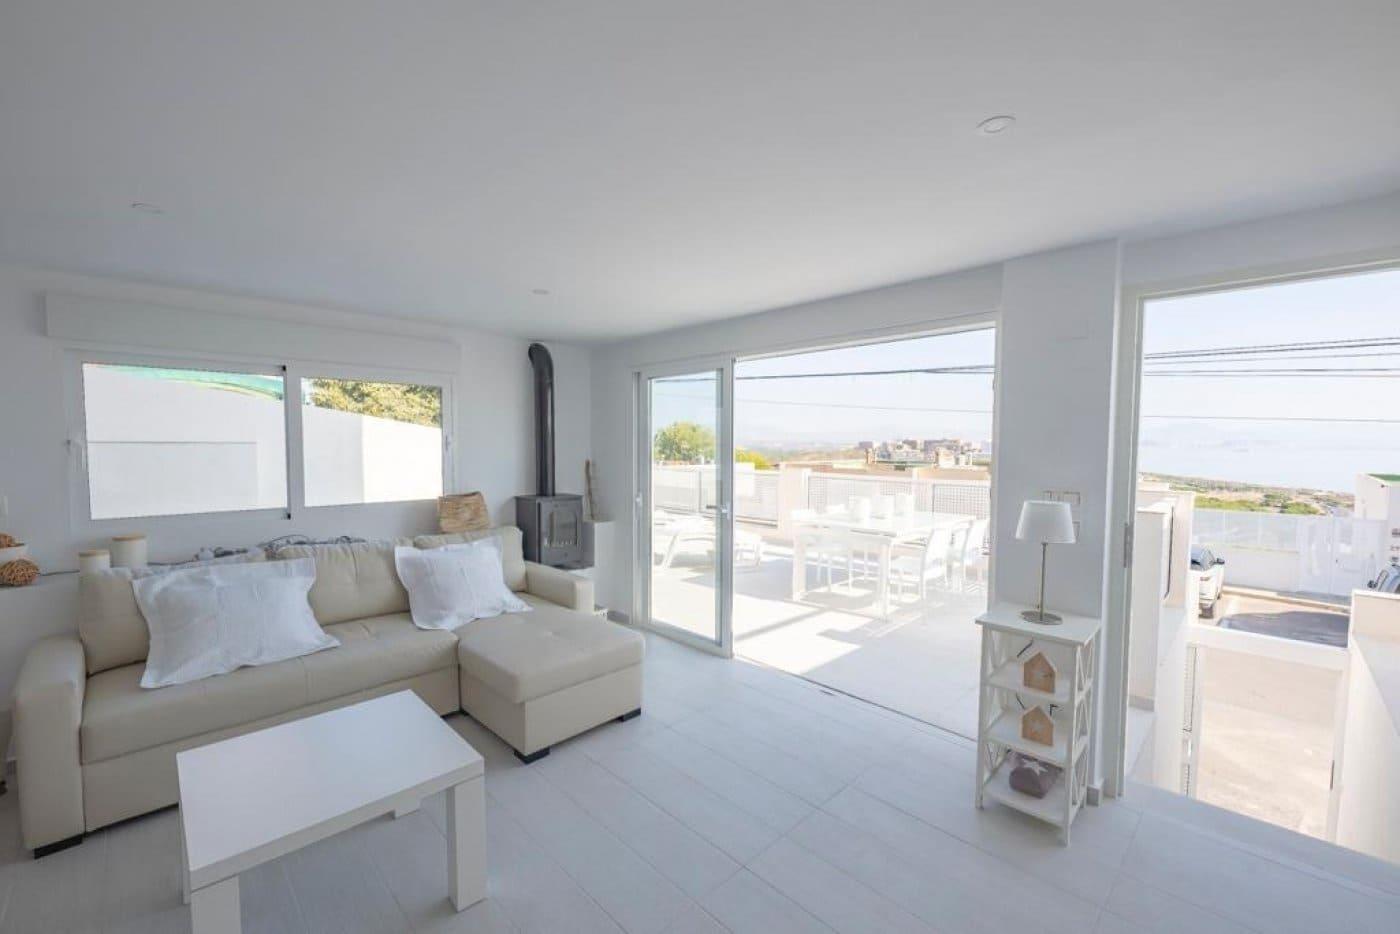 2 sypialnia Bungalow na kwatery wakacyjne w Gran Alacant z basenem - 1 750 € (Ref: 5015726)